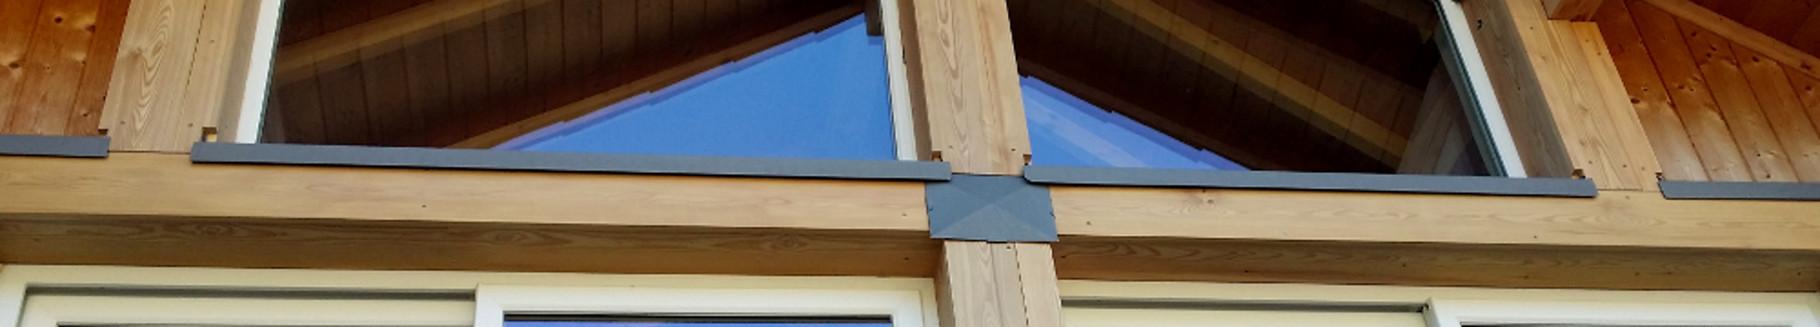 Habillage en mélèze et zinc quartz d'une charpente et appuis de fenêtres